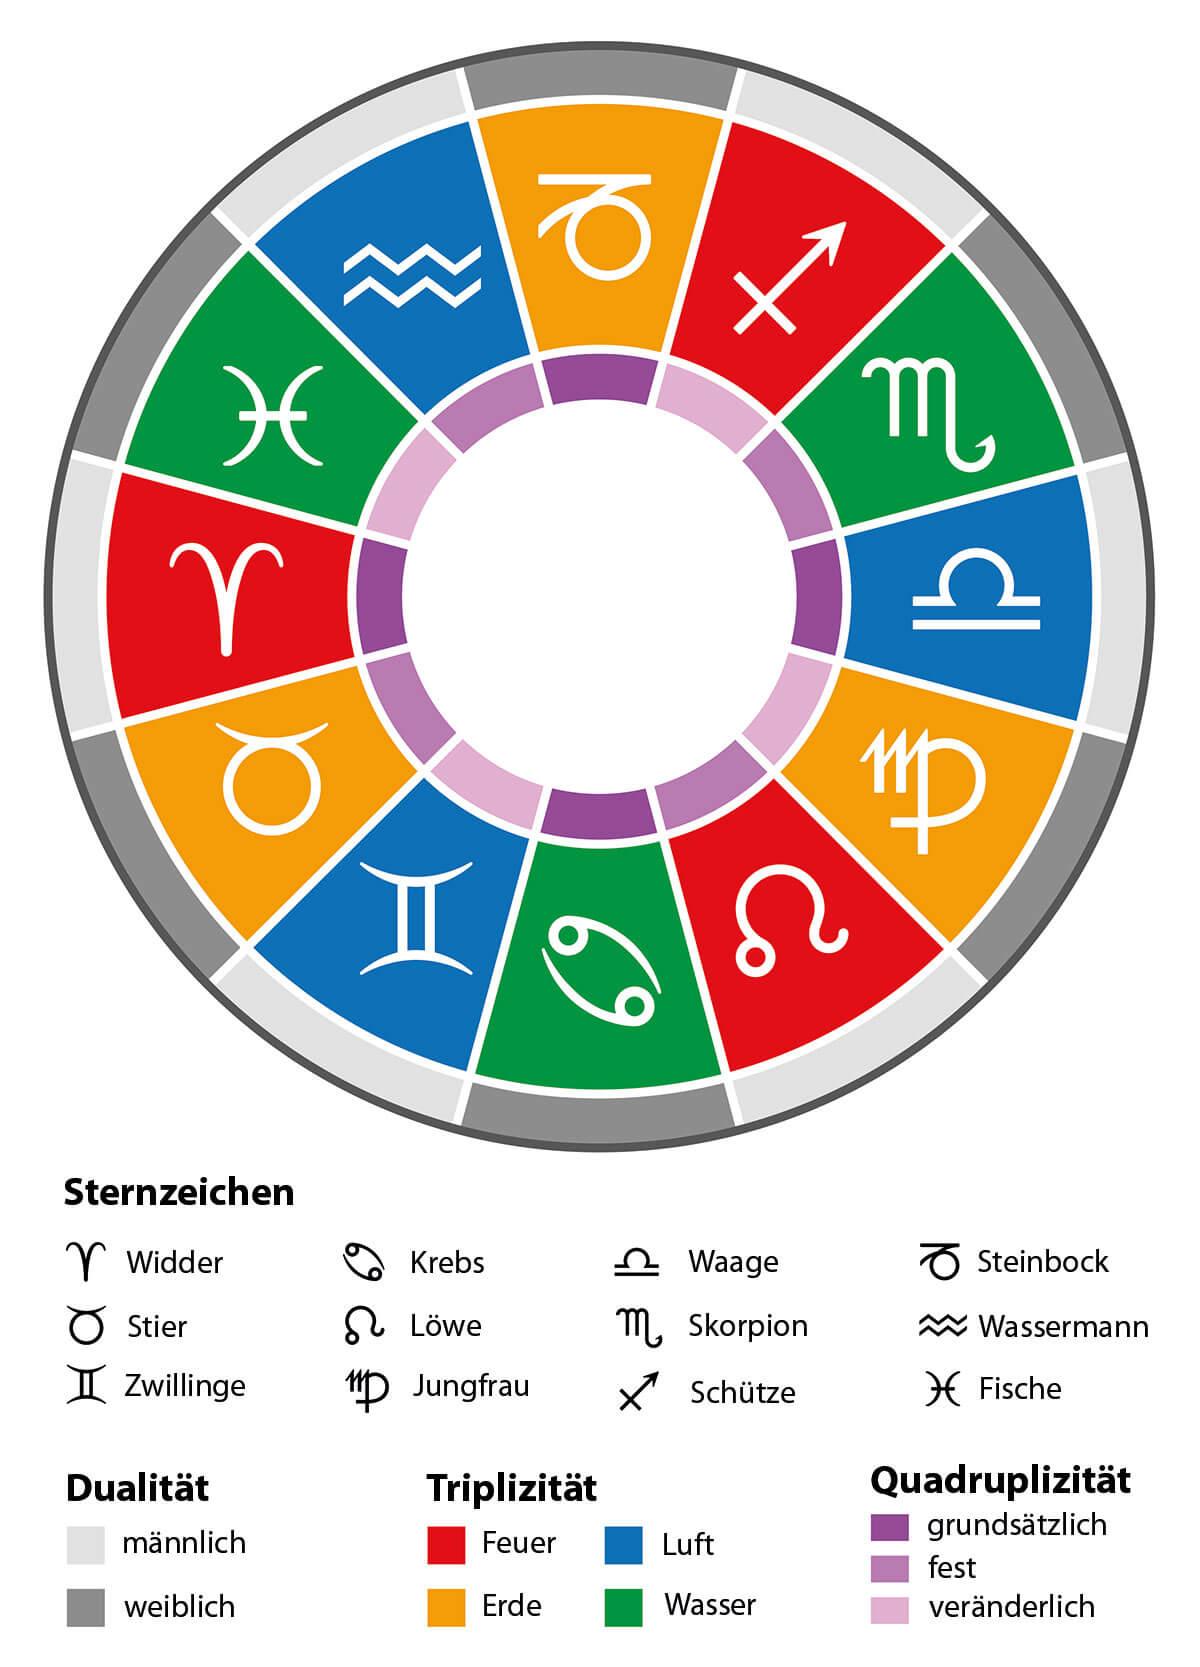 Sternzeichen Skorpion - Mann, Frau, Eigenschaften, Partner verwandt mit Sternzeichen 21.11